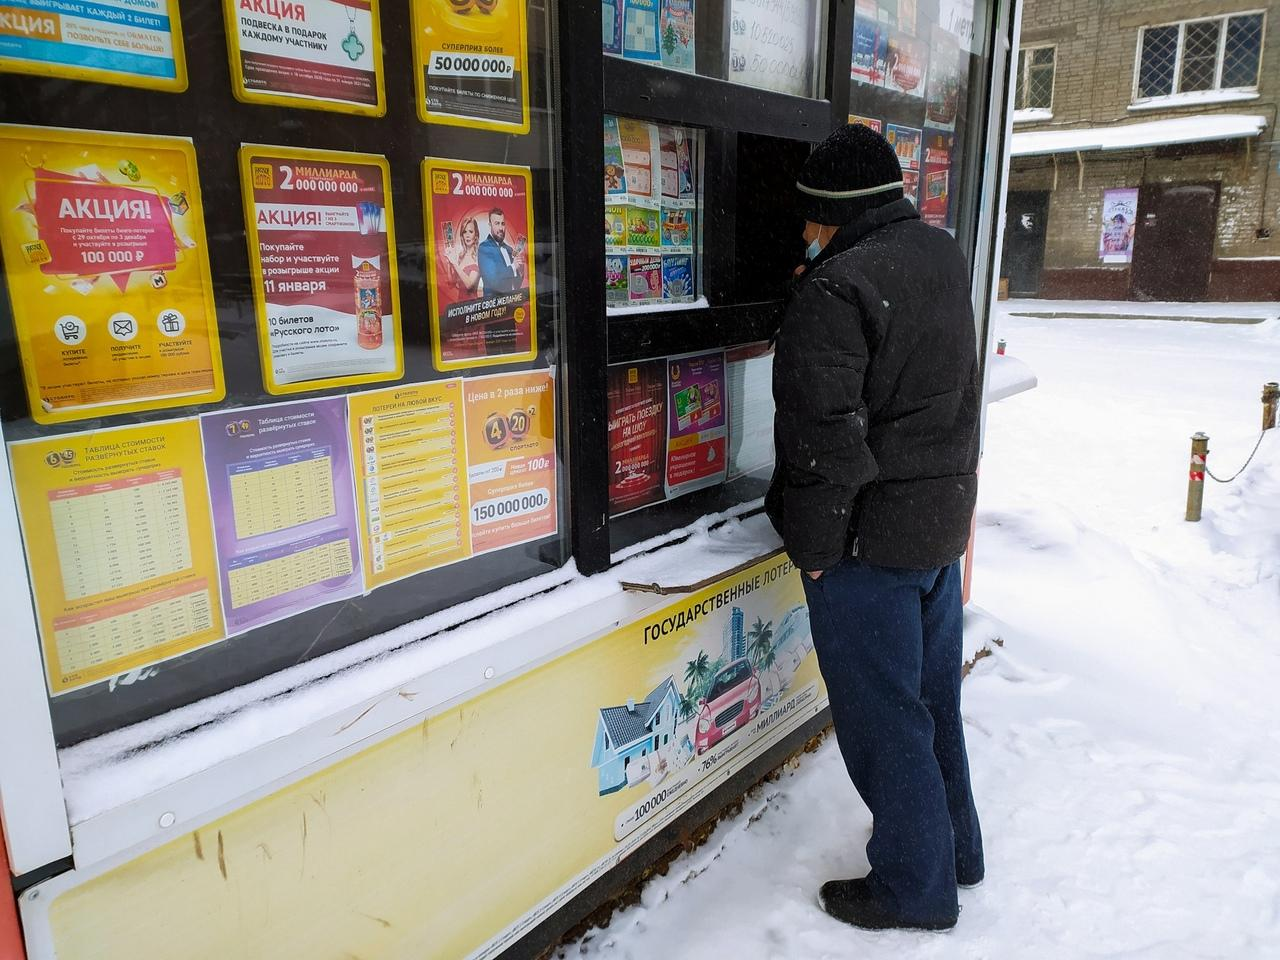 фото «Гонка за миллионом»: новосибирцы ринулись скупать лотерейные билеты с умопомрачительным выигрышем 3